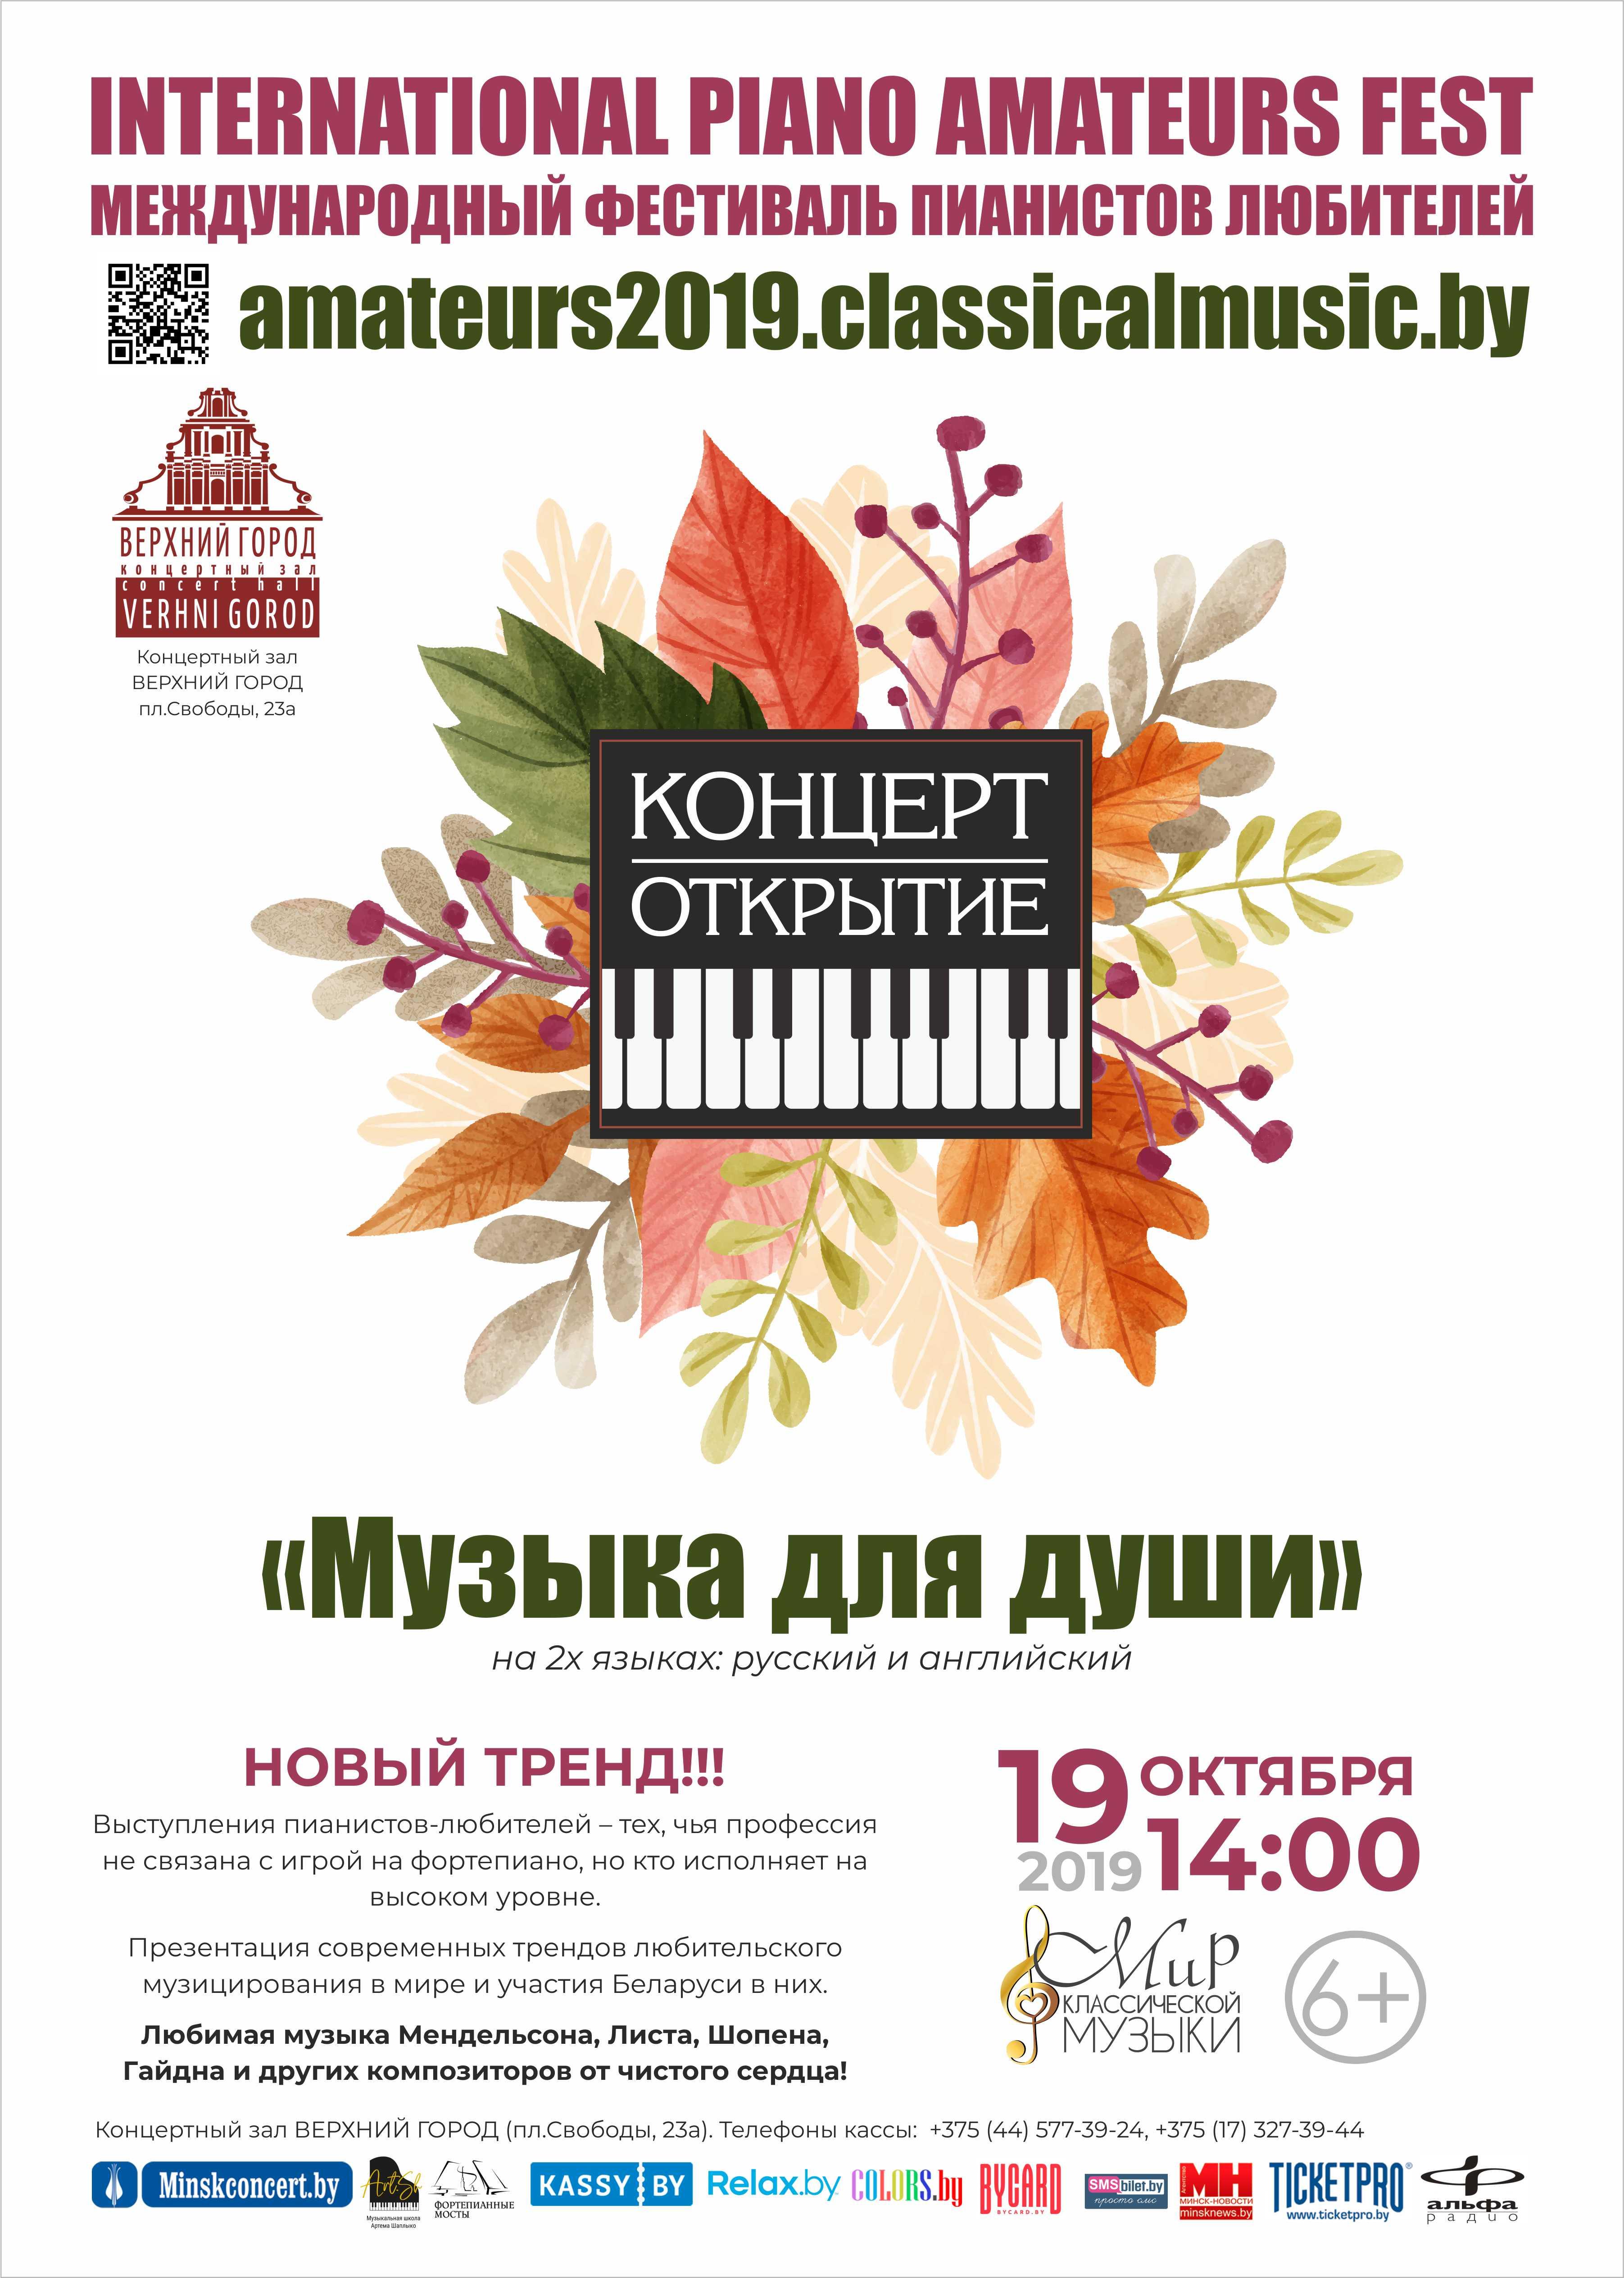 19-20.10 Международный фестиваль пианистов-любителей в Минске